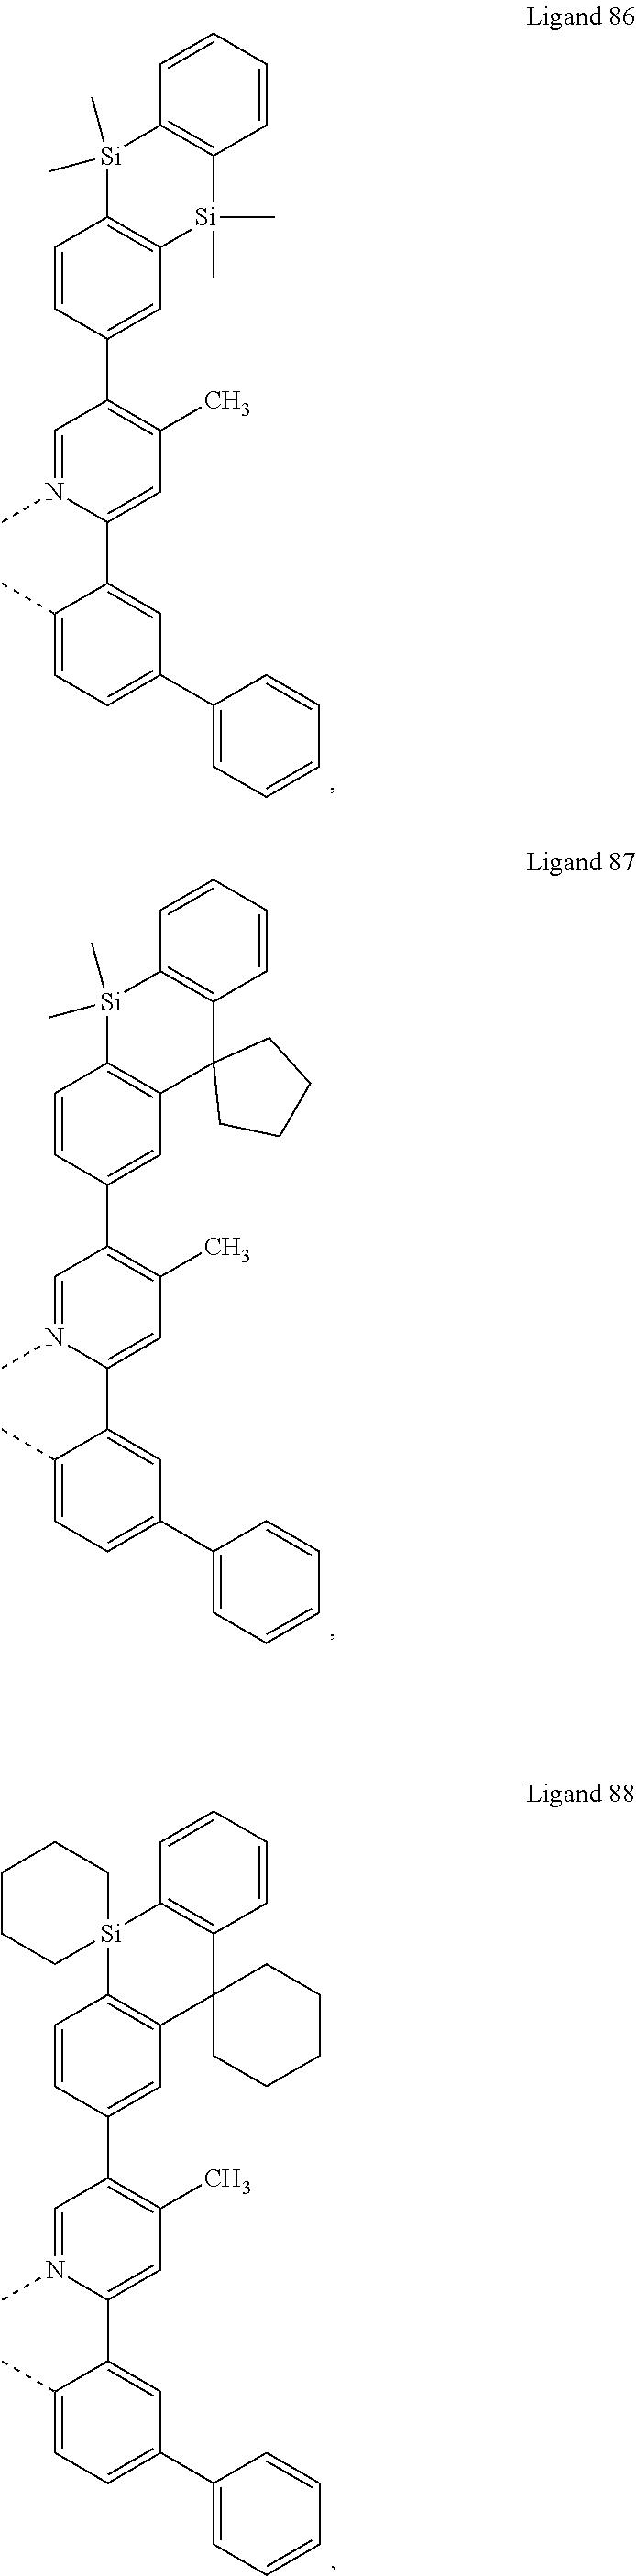 Figure US20180130962A1-20180510-C00247